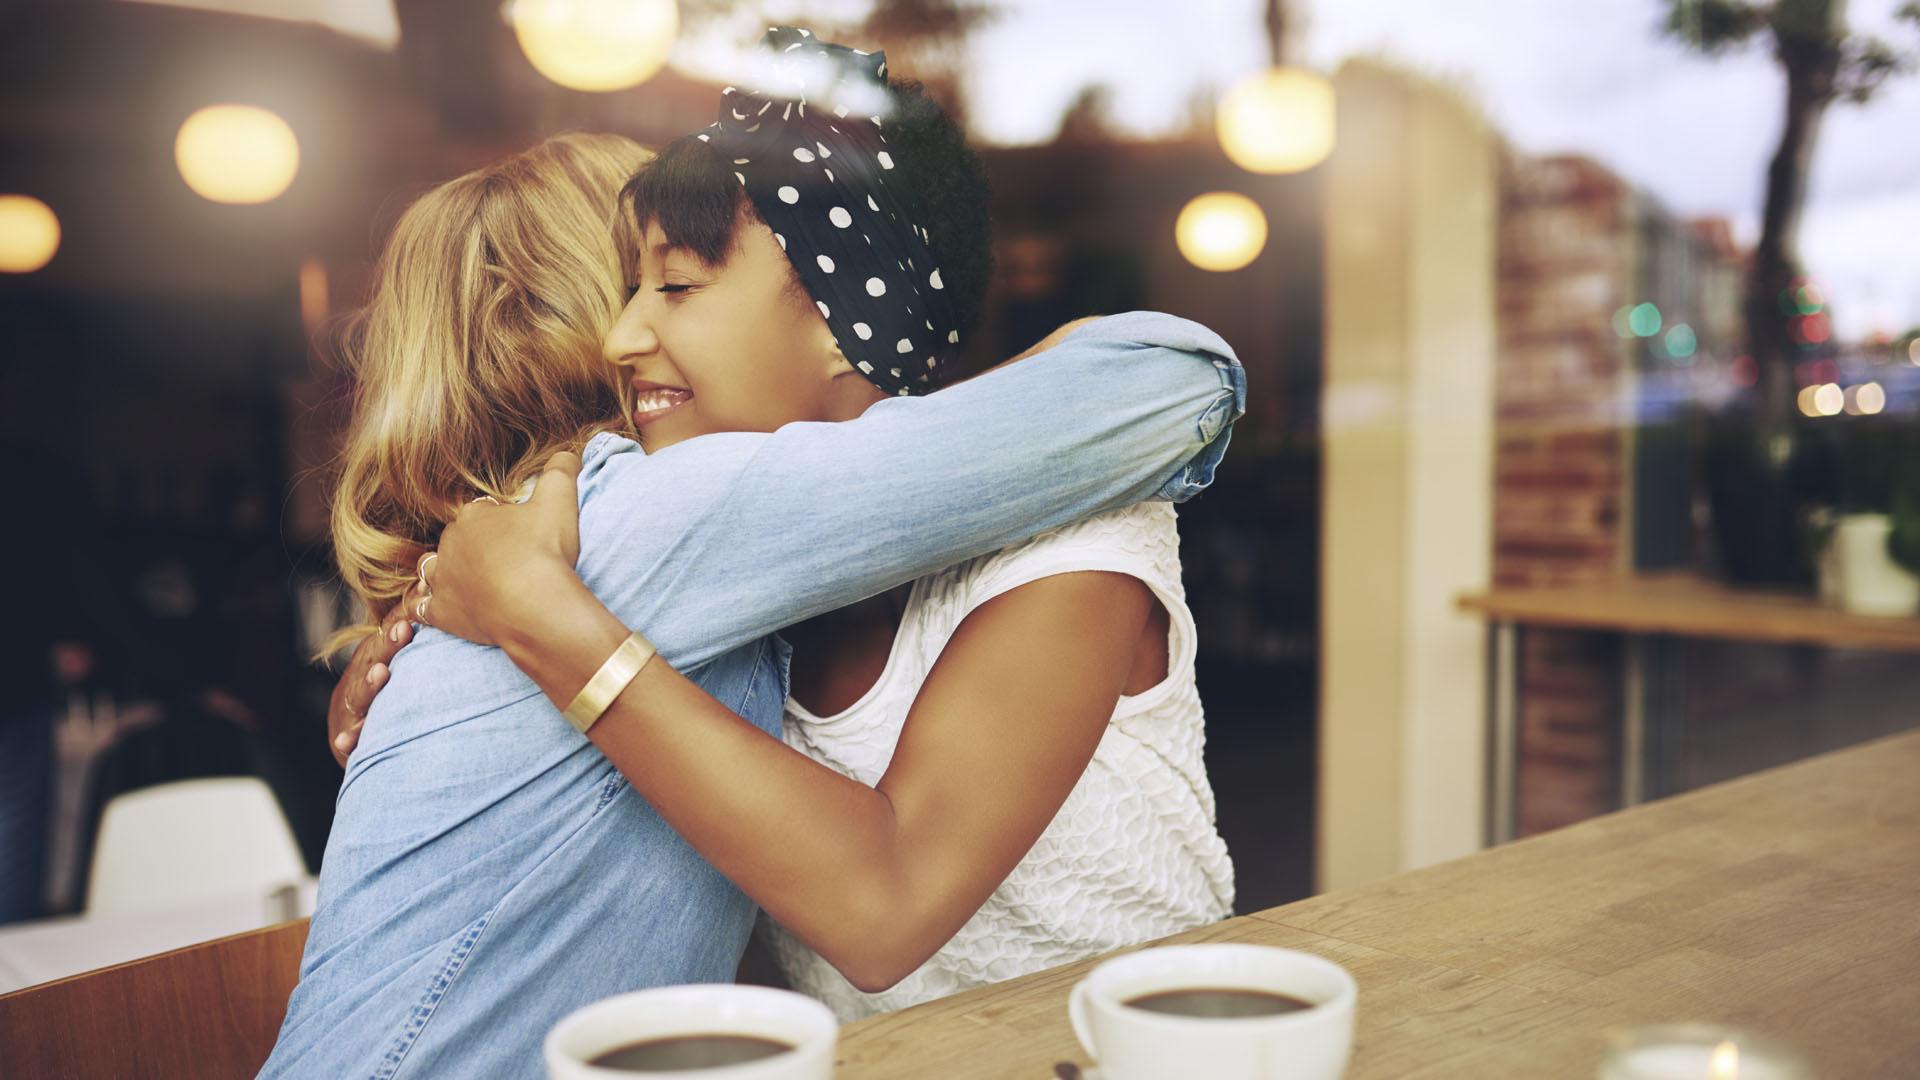 Un estudio de la Asociación Americana de Psicología afirma que después de los 20 en la amistad es más importante la calidad que la cantidad